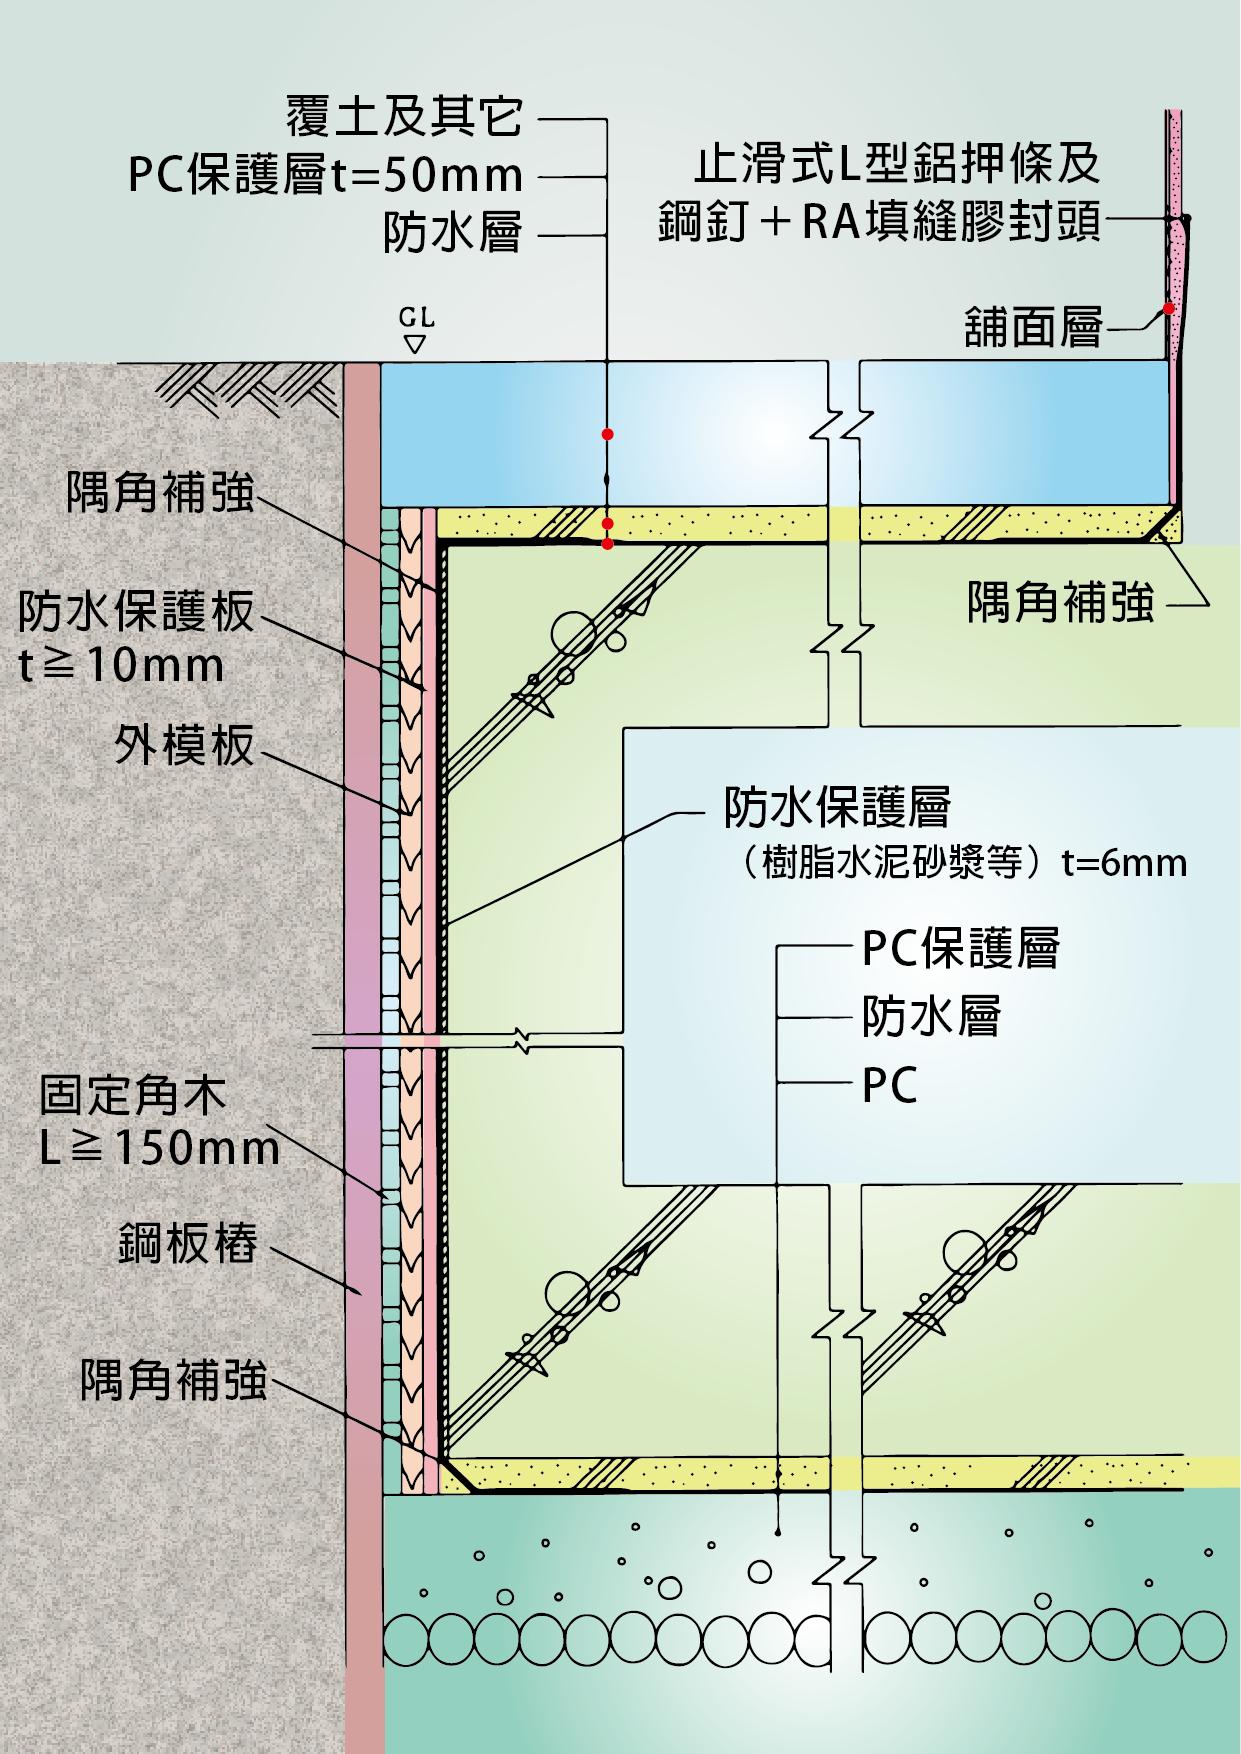 圖2-4-81.png